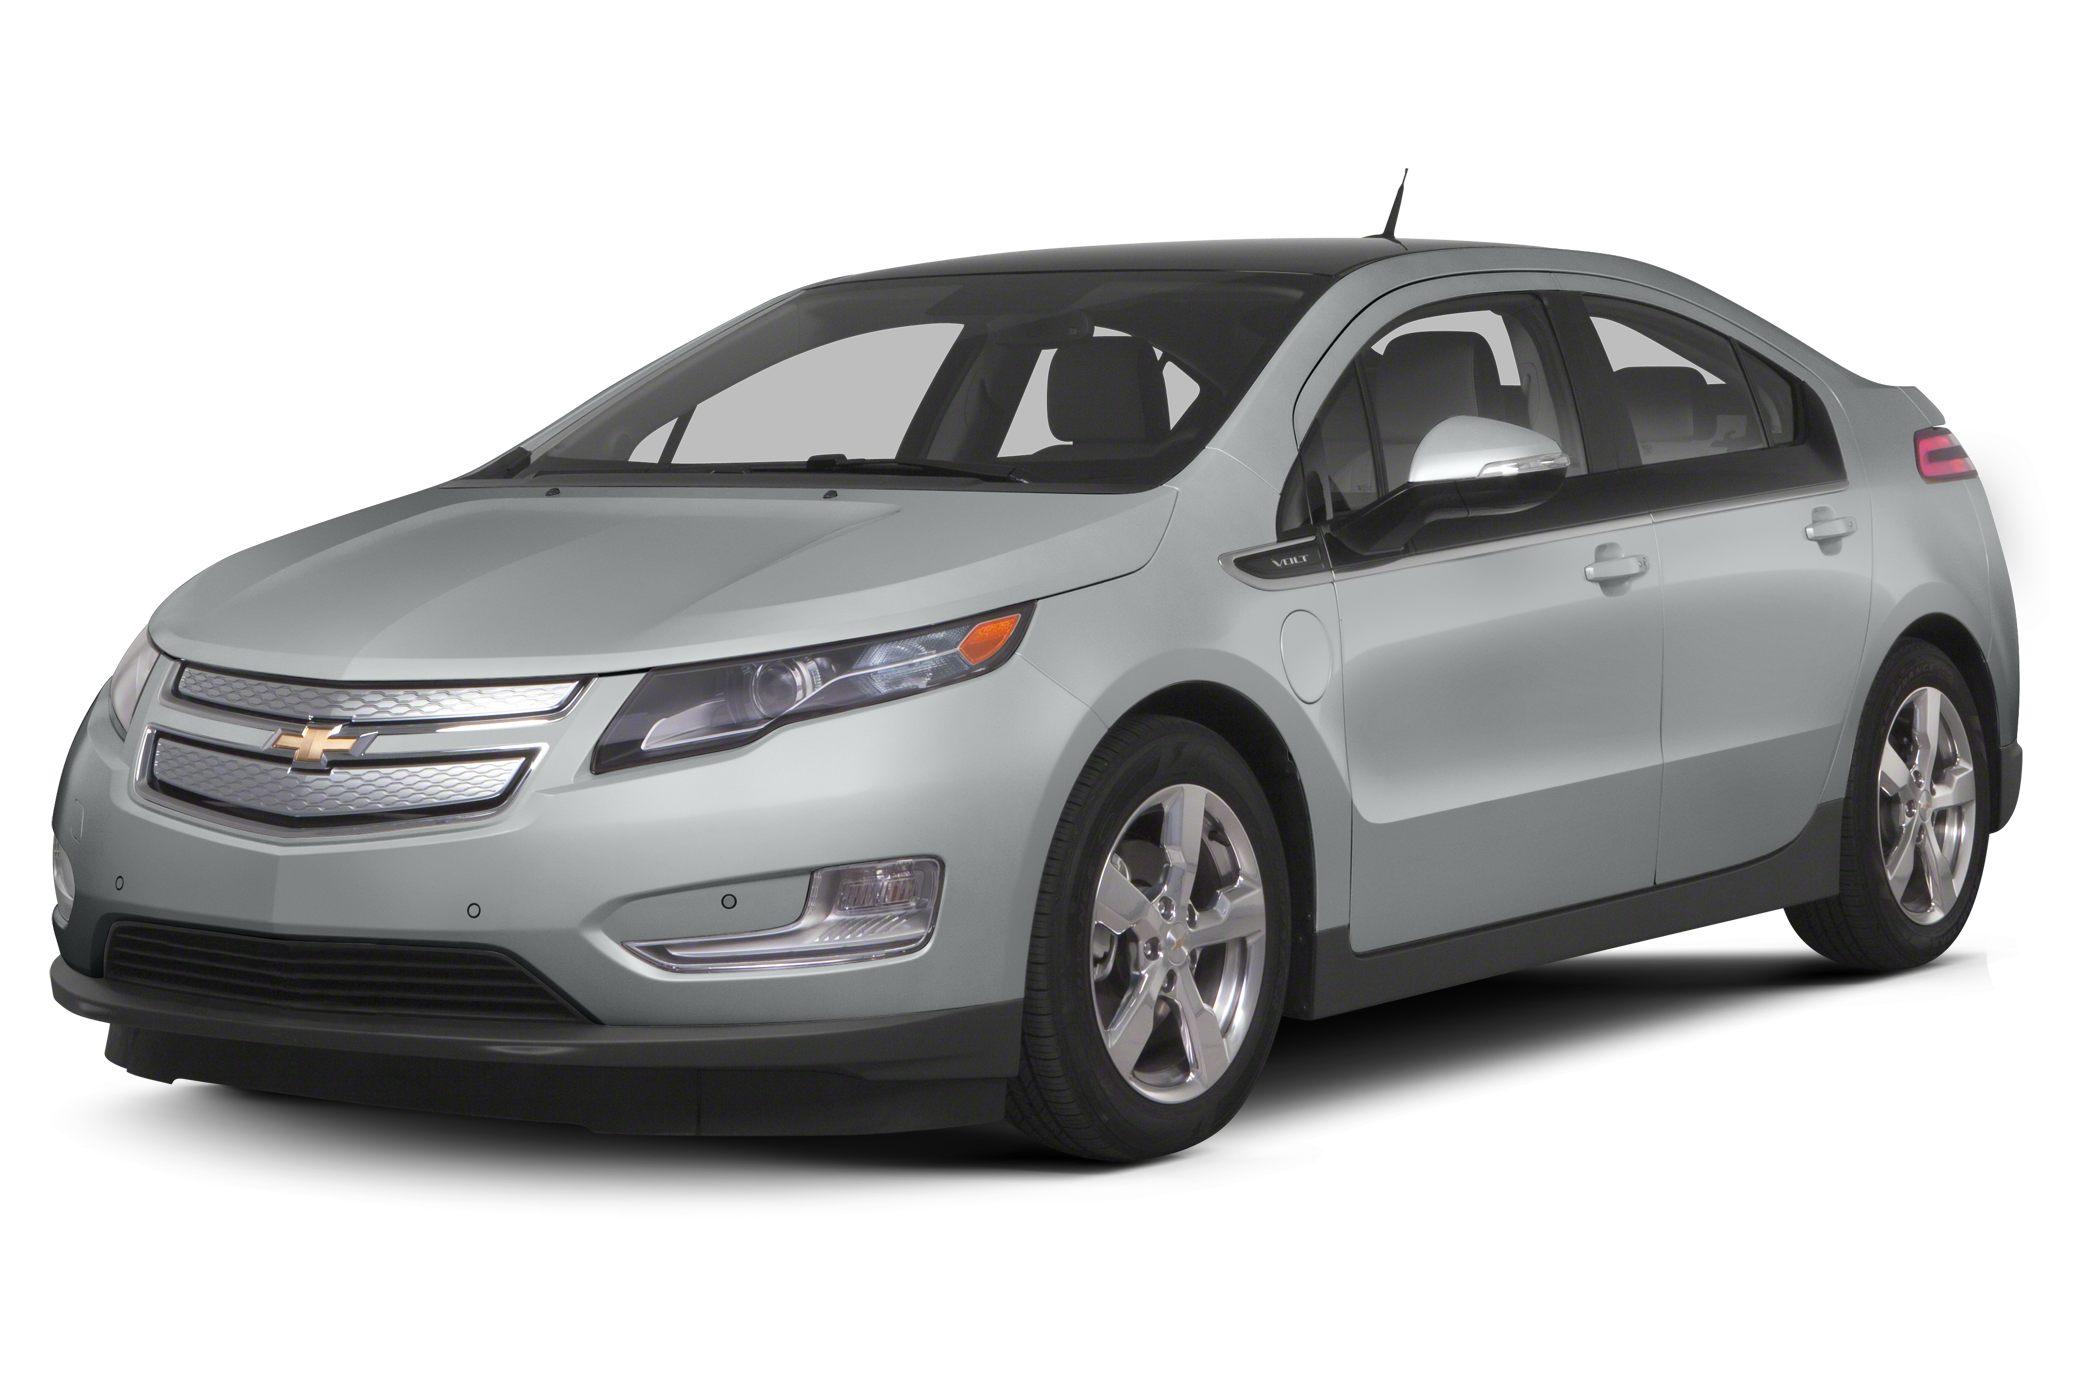 Kekurangan Chevrolet Volt 2013 Top Model Tahun Ini